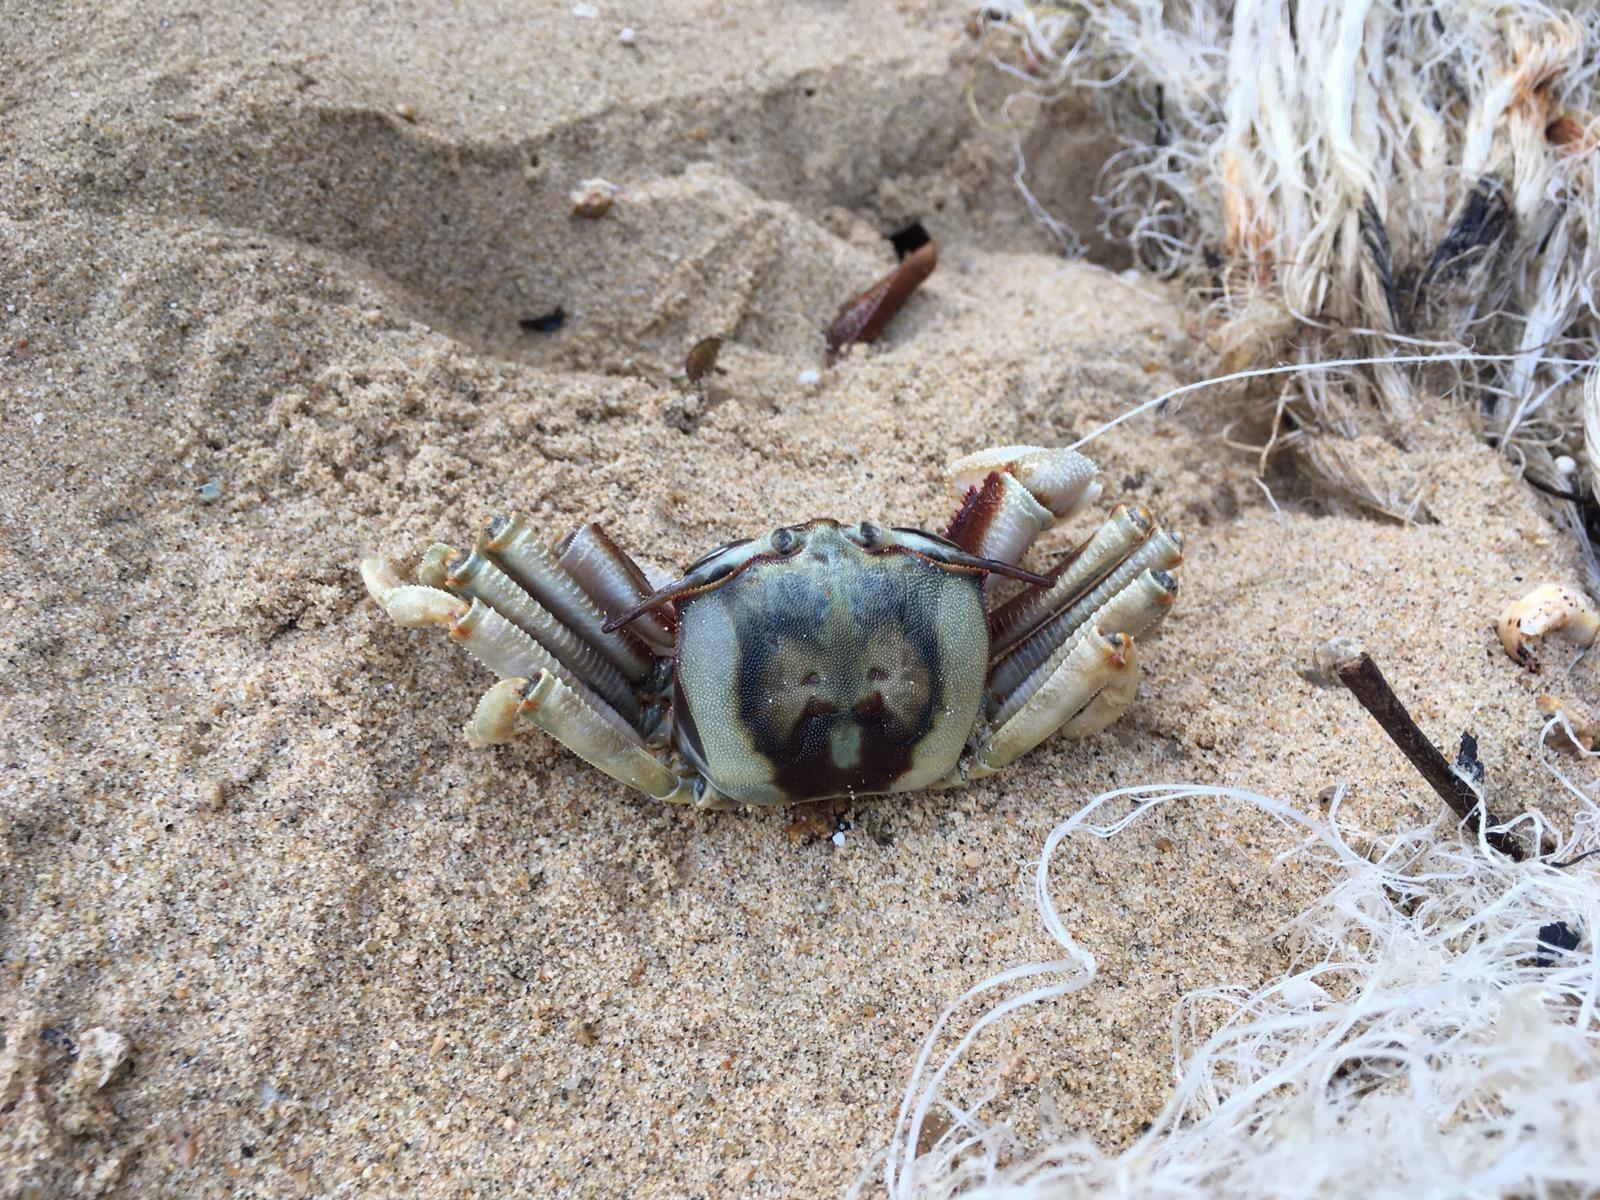 小編在2021年1月24日在南丫島淨灘時發現一隻被廢棄漁網纏繞的蟹,這一隻蟹或因無法解脫,而活活被餓死。© 綠色和平